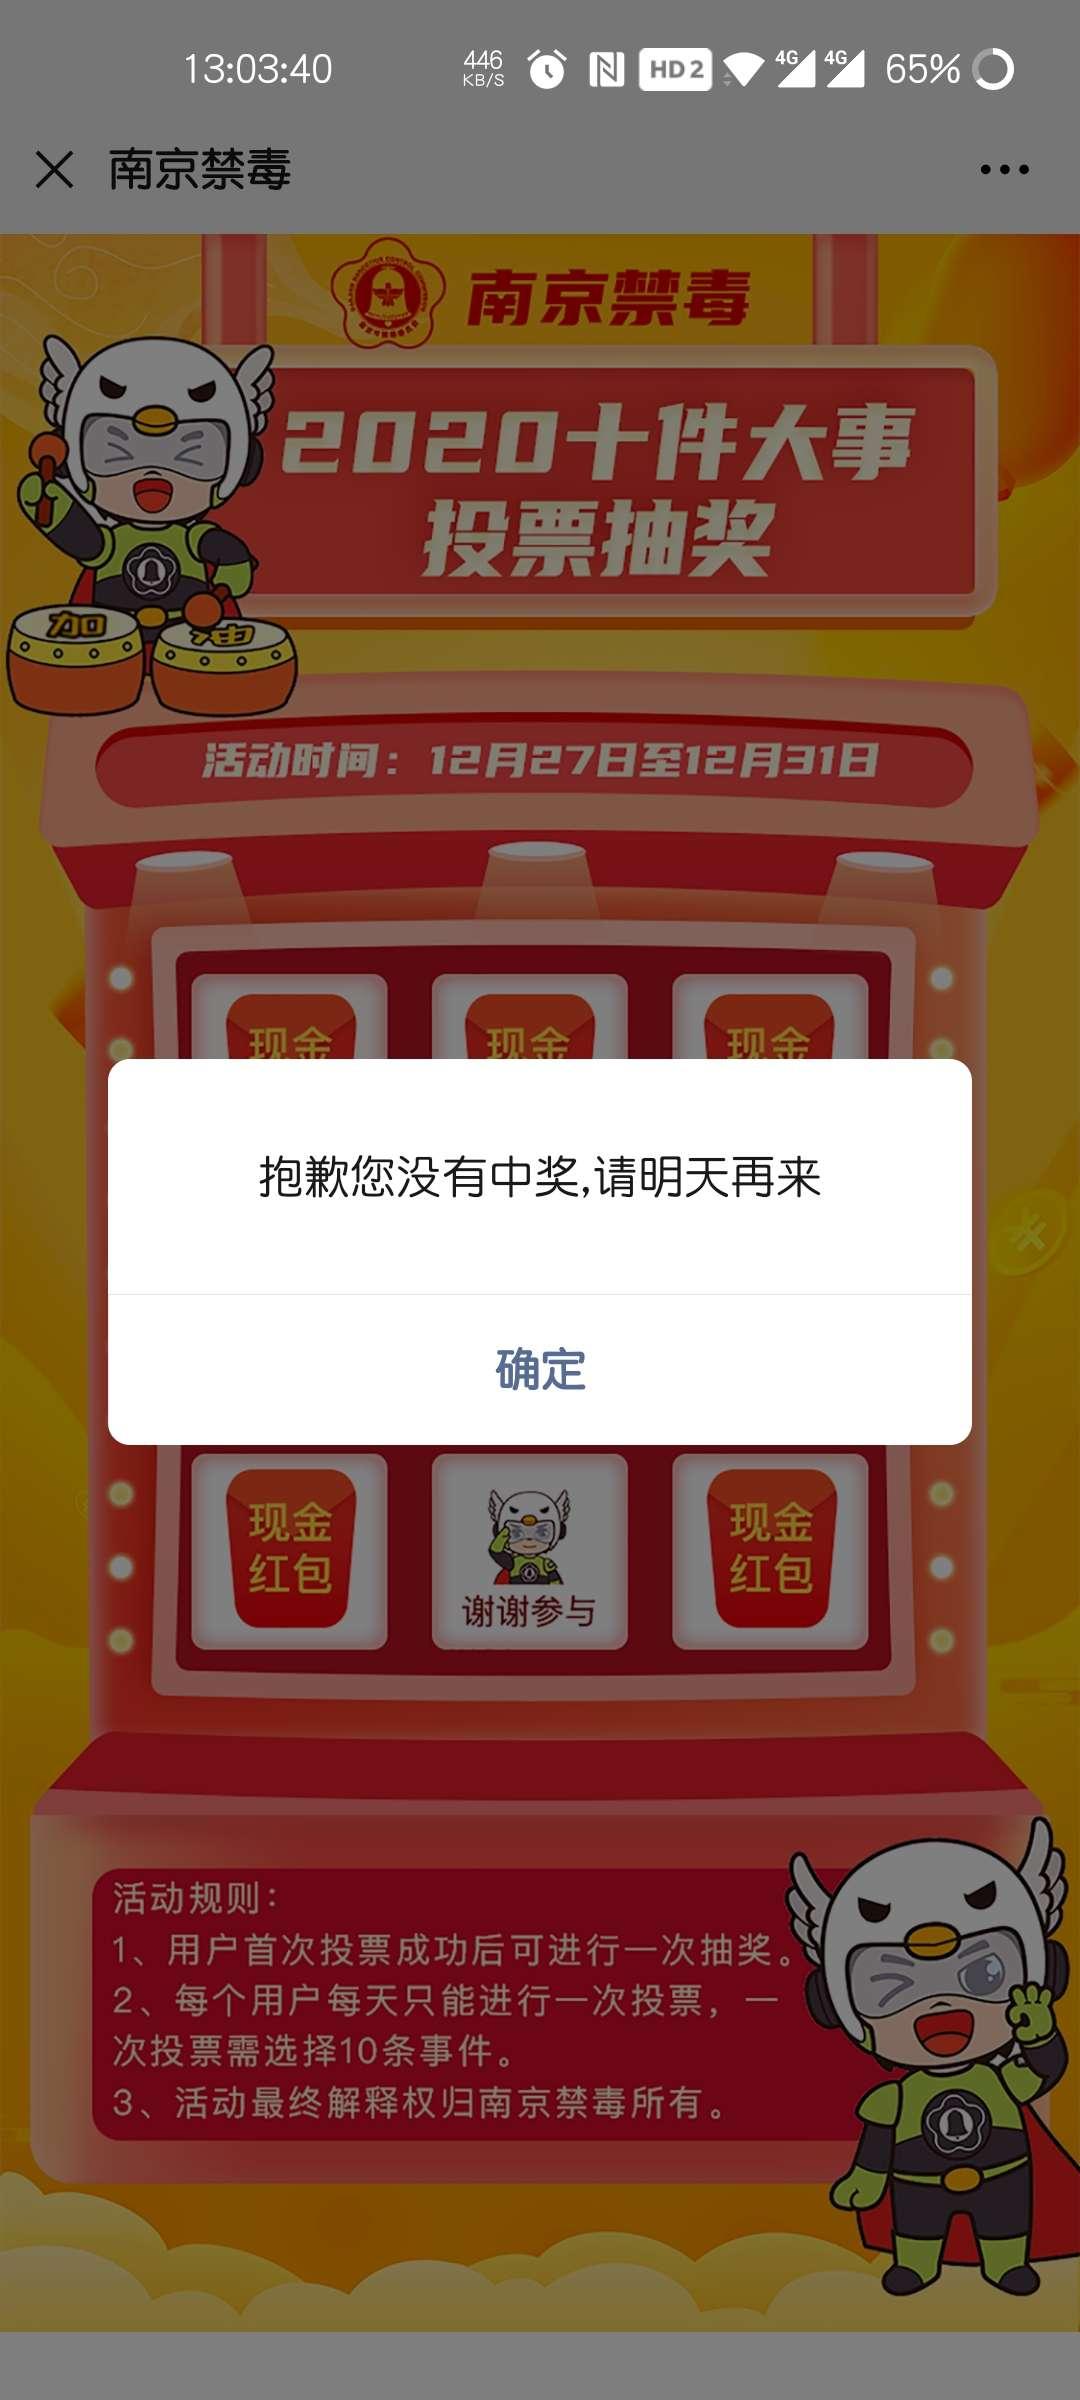 南京禁毒投票抽奖送红包插图1